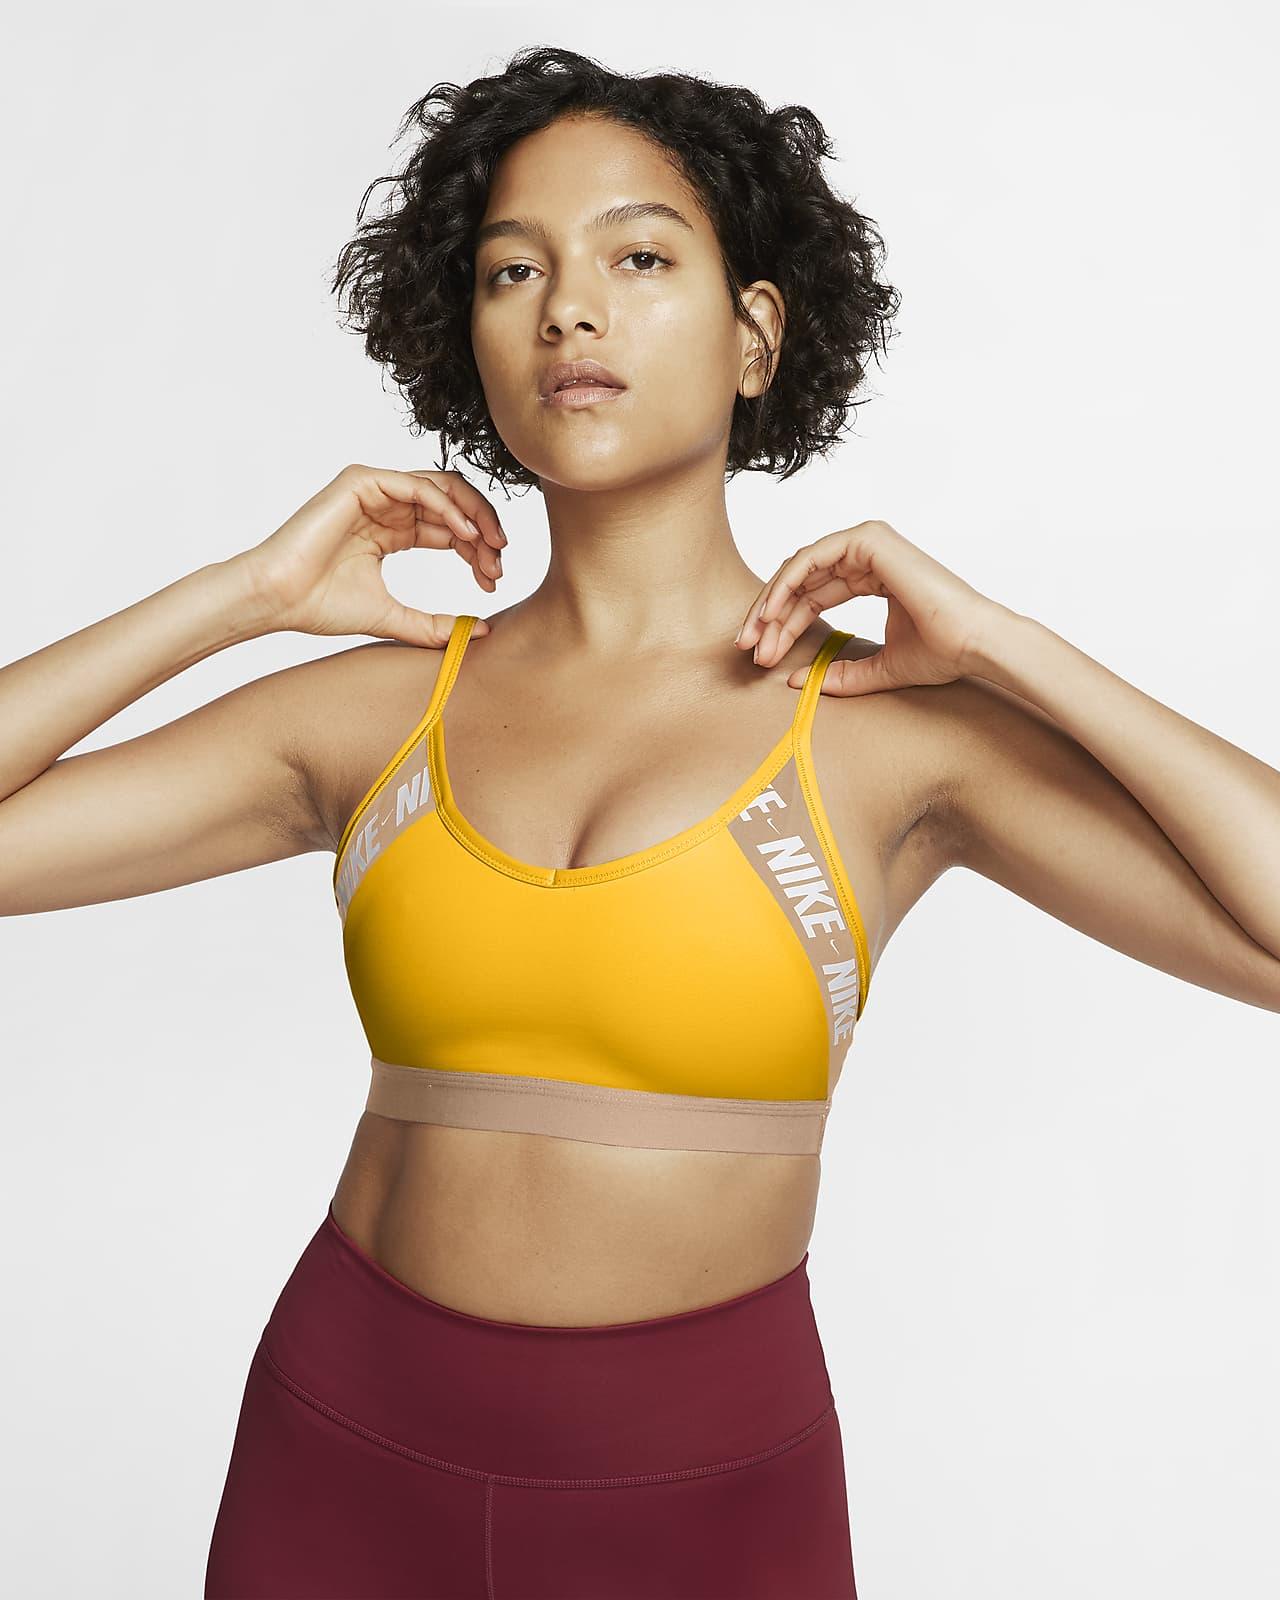 Sportovní podprsenka Nike Dri-FIT Indy slehkou oporou, vycpávkami alogem